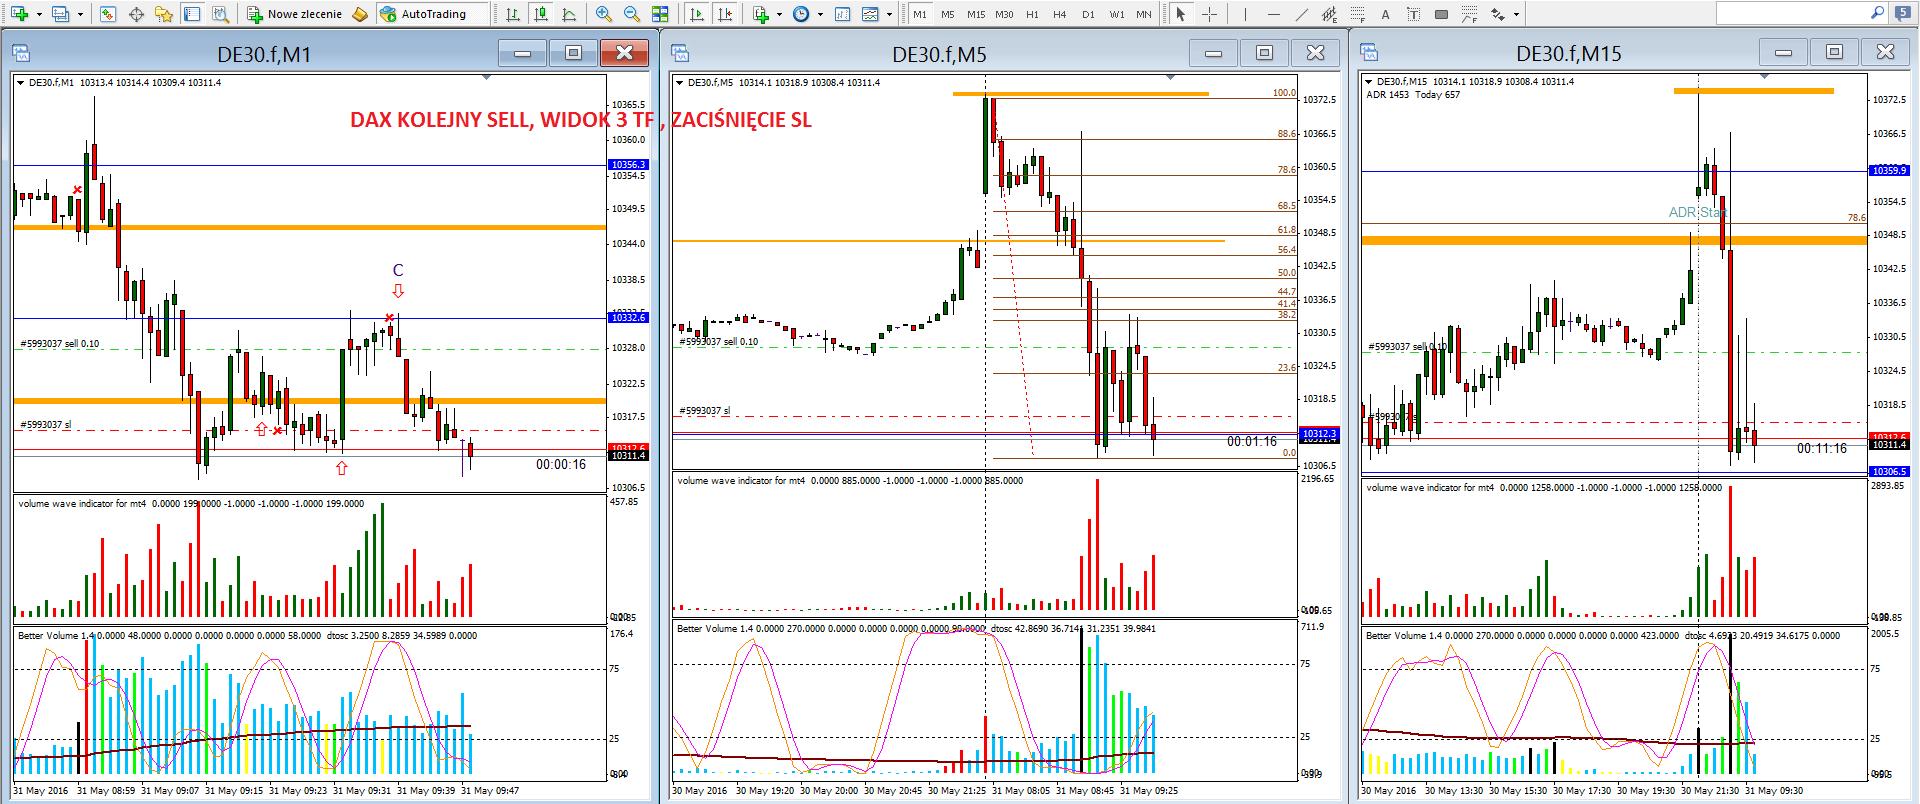 14-renko-scalping na renko-forex-skuteczna strategia-myforex-trader-trading-waluty-dax-prosta strategia tradingowa-broker-sukces-wolumen-vsa-świece japońskie-trading